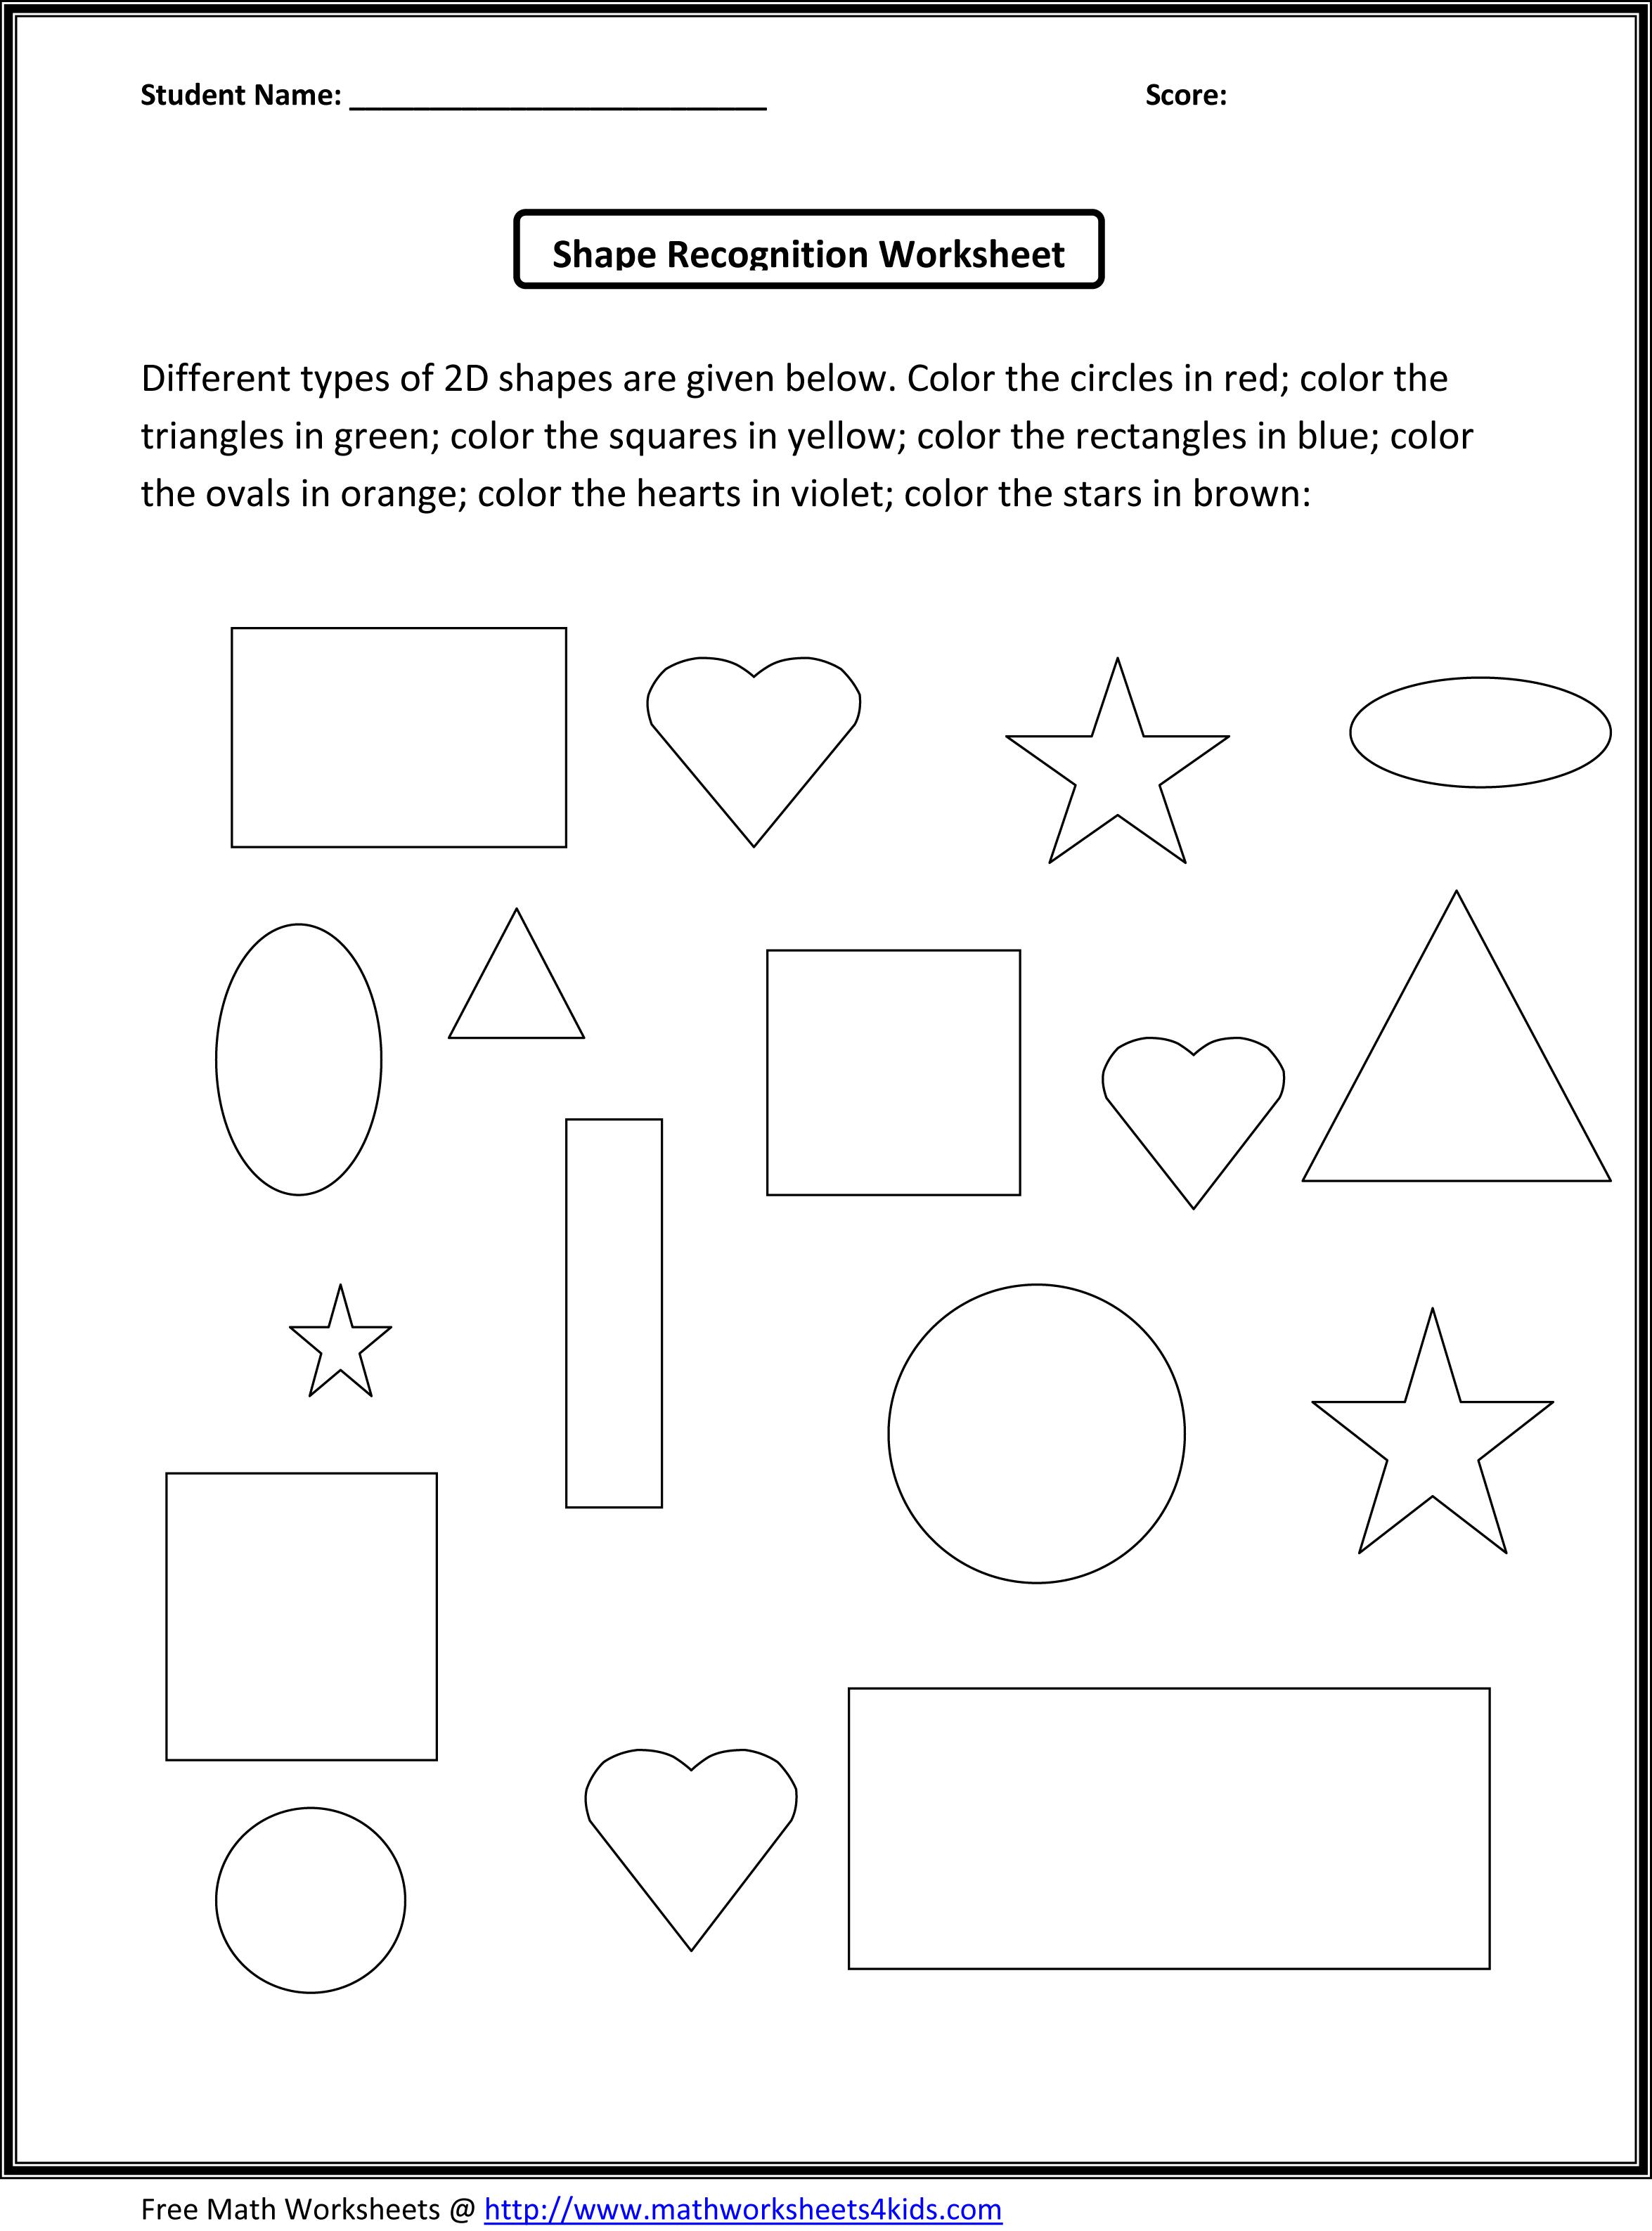 15 Best Images Of Life Skills Worksheets For Kids